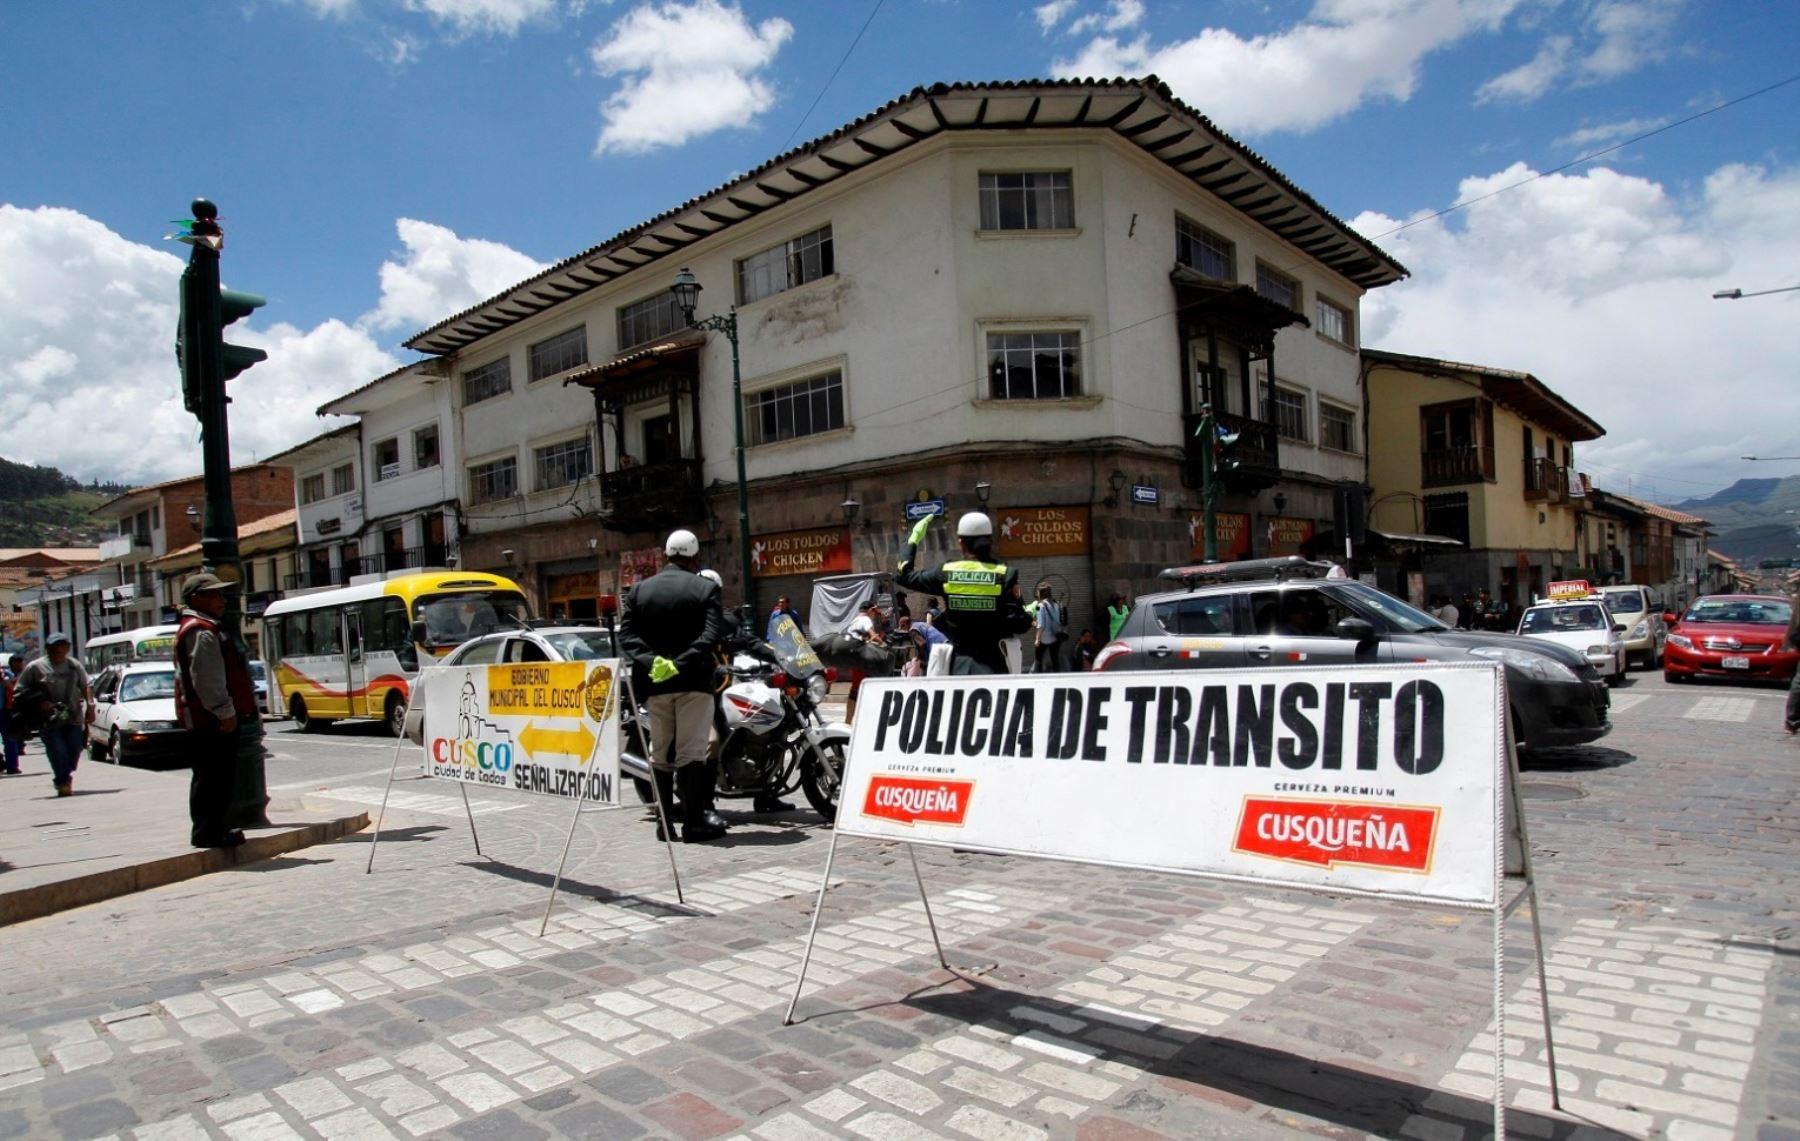 MUNICIPALIDAD  DE CUSCO COMUNICA A LA OPINIÓN PUBLICA EL CIERRE DE VIAS LOS DIAS 30,31 DE MAYO Y 7 DE JUNIO